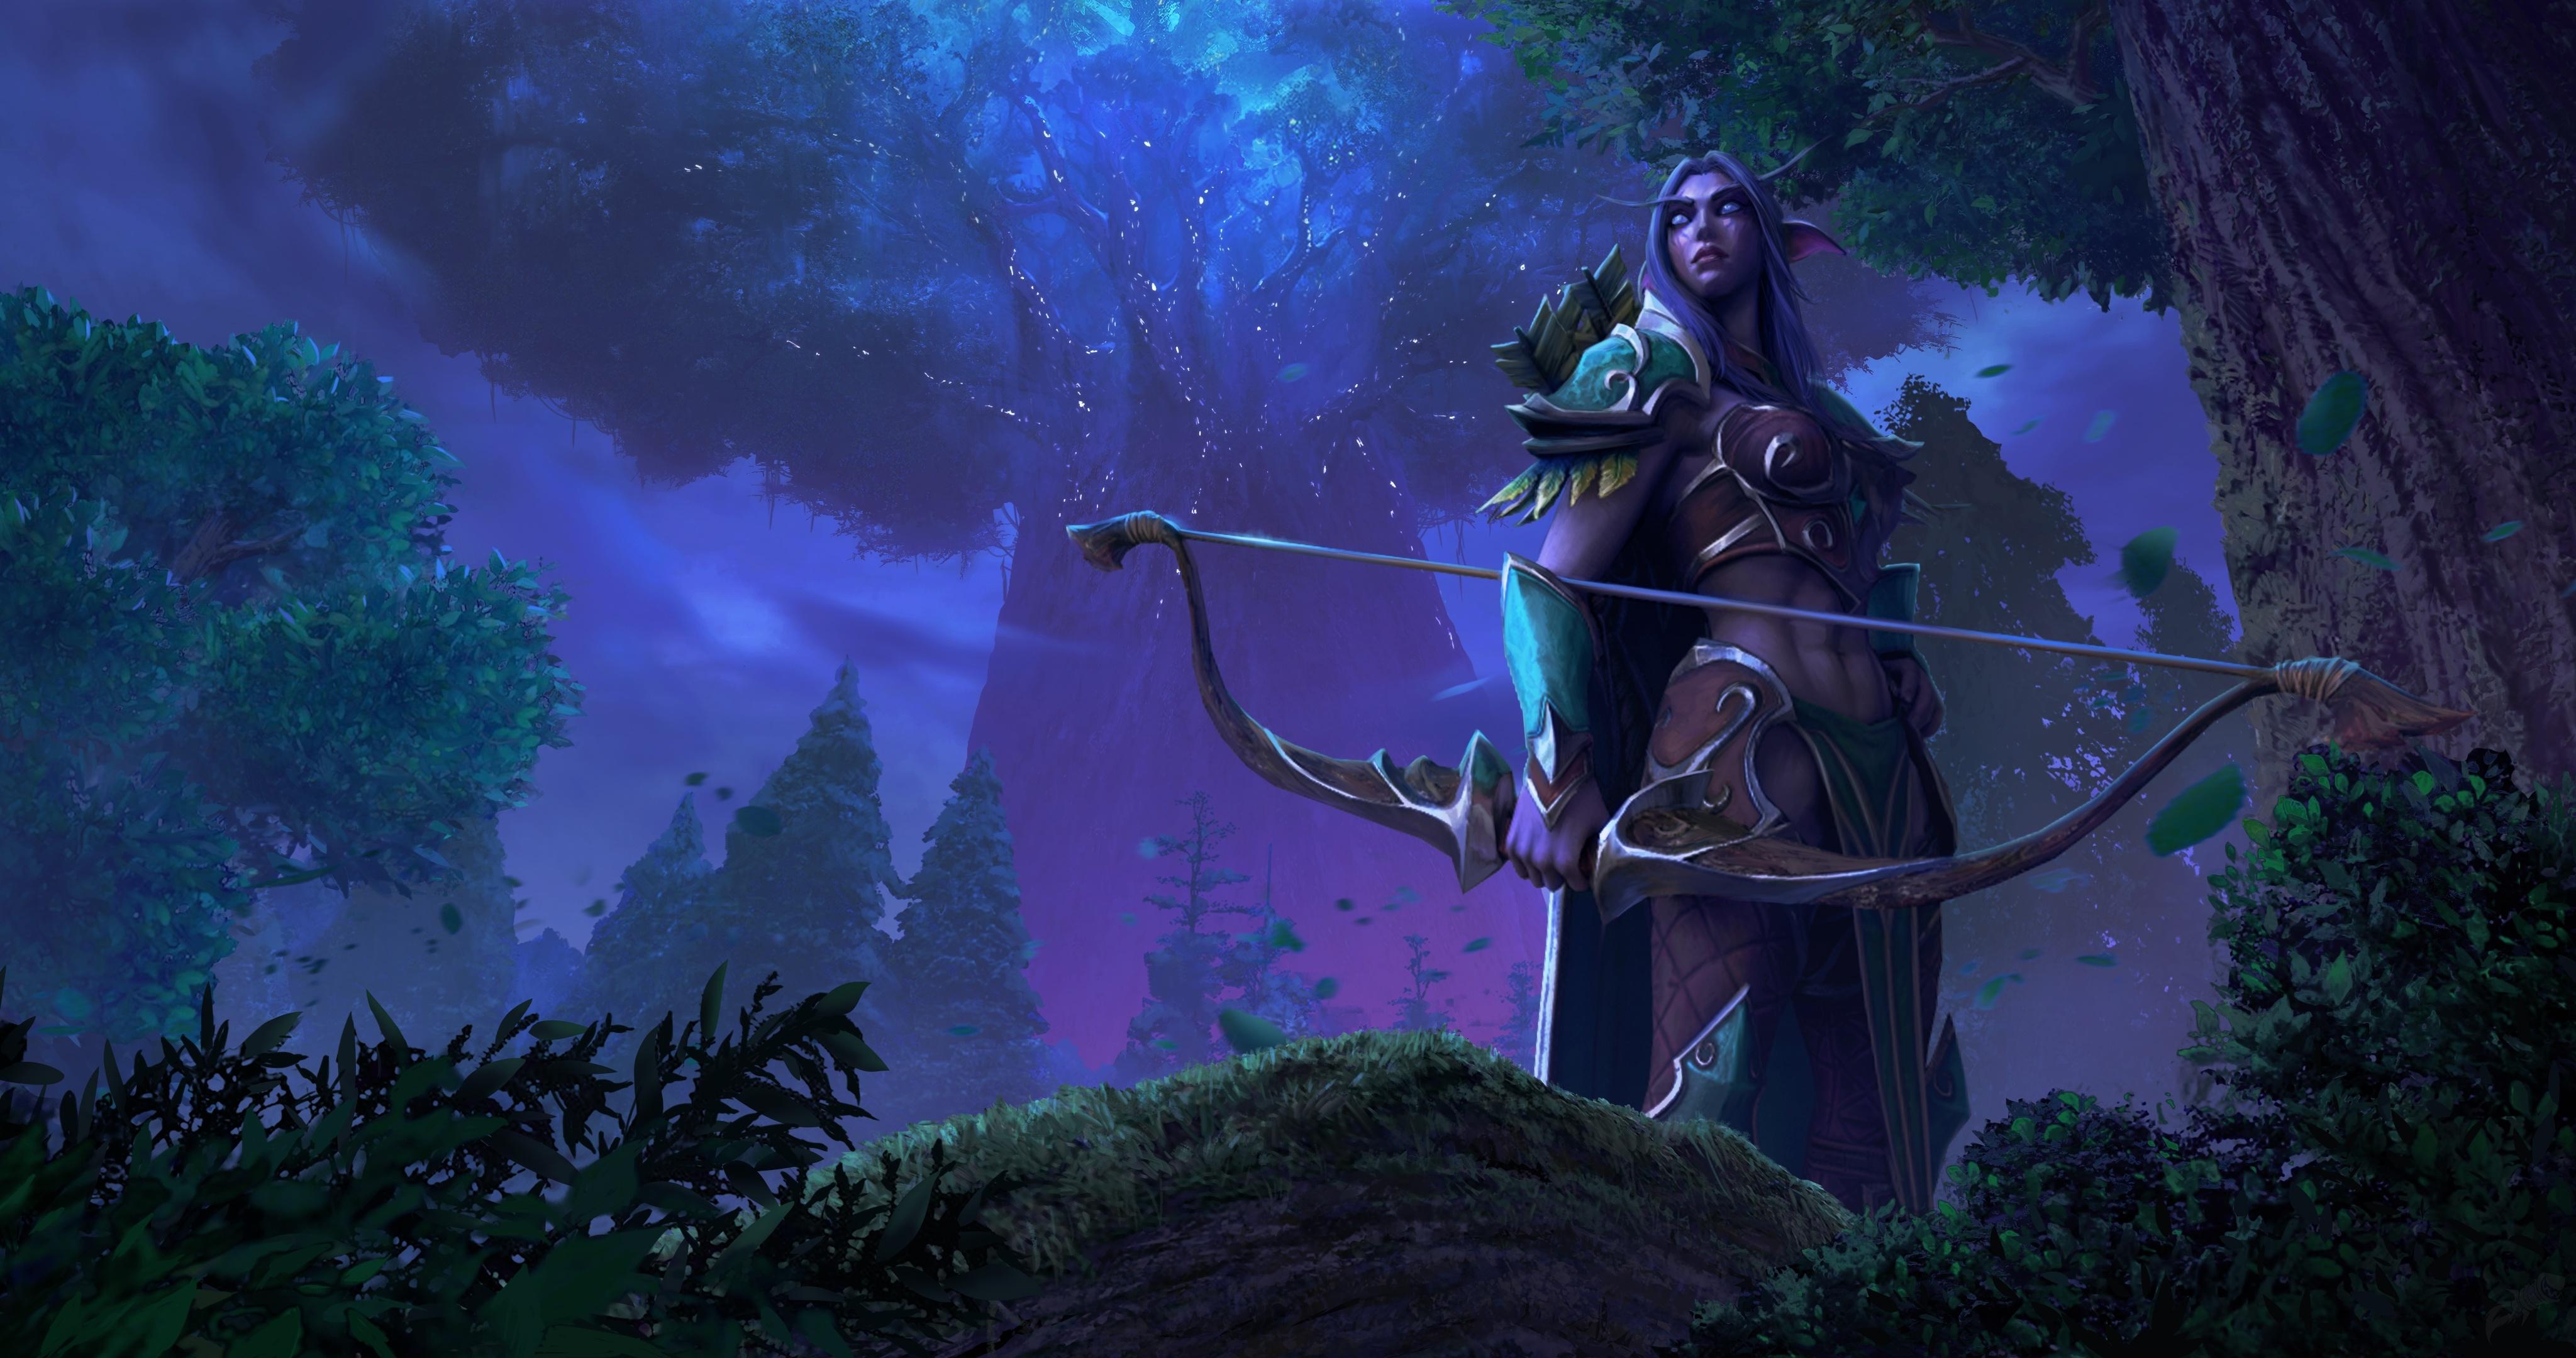 《魔兽争霸3:重制版》角色模型 暗夜精灵乘月而来